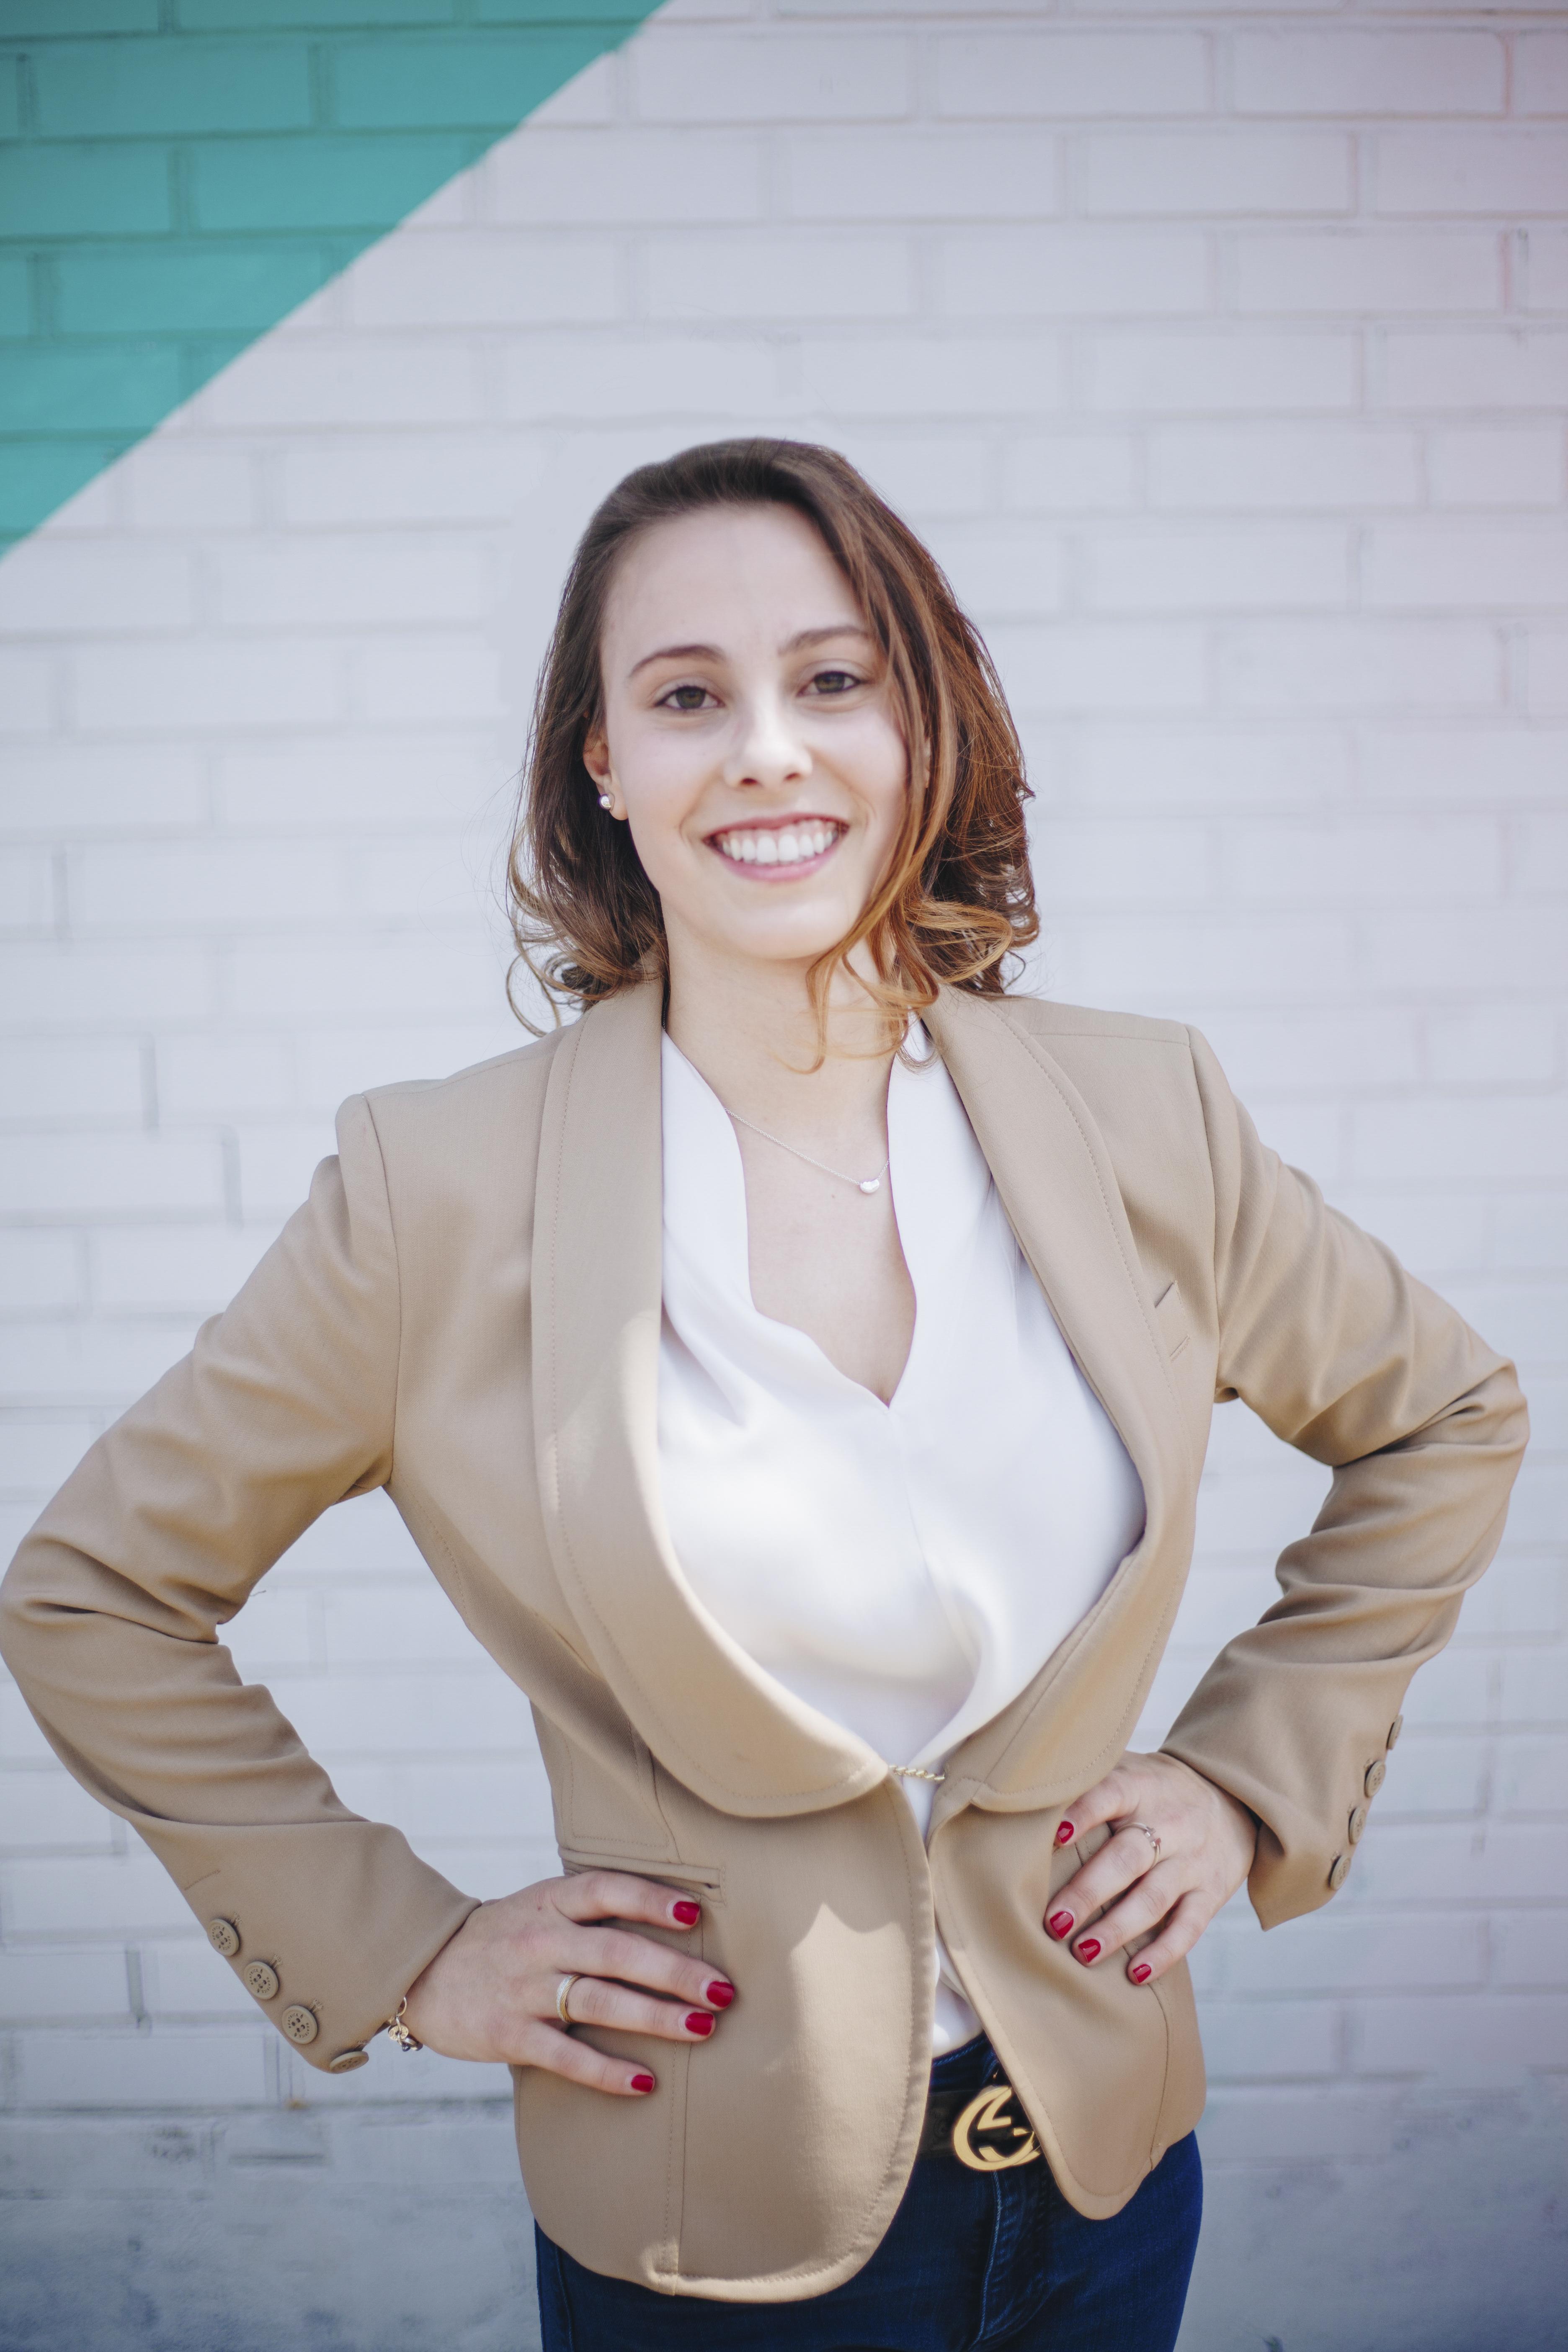 Elizabeth Pecoraro